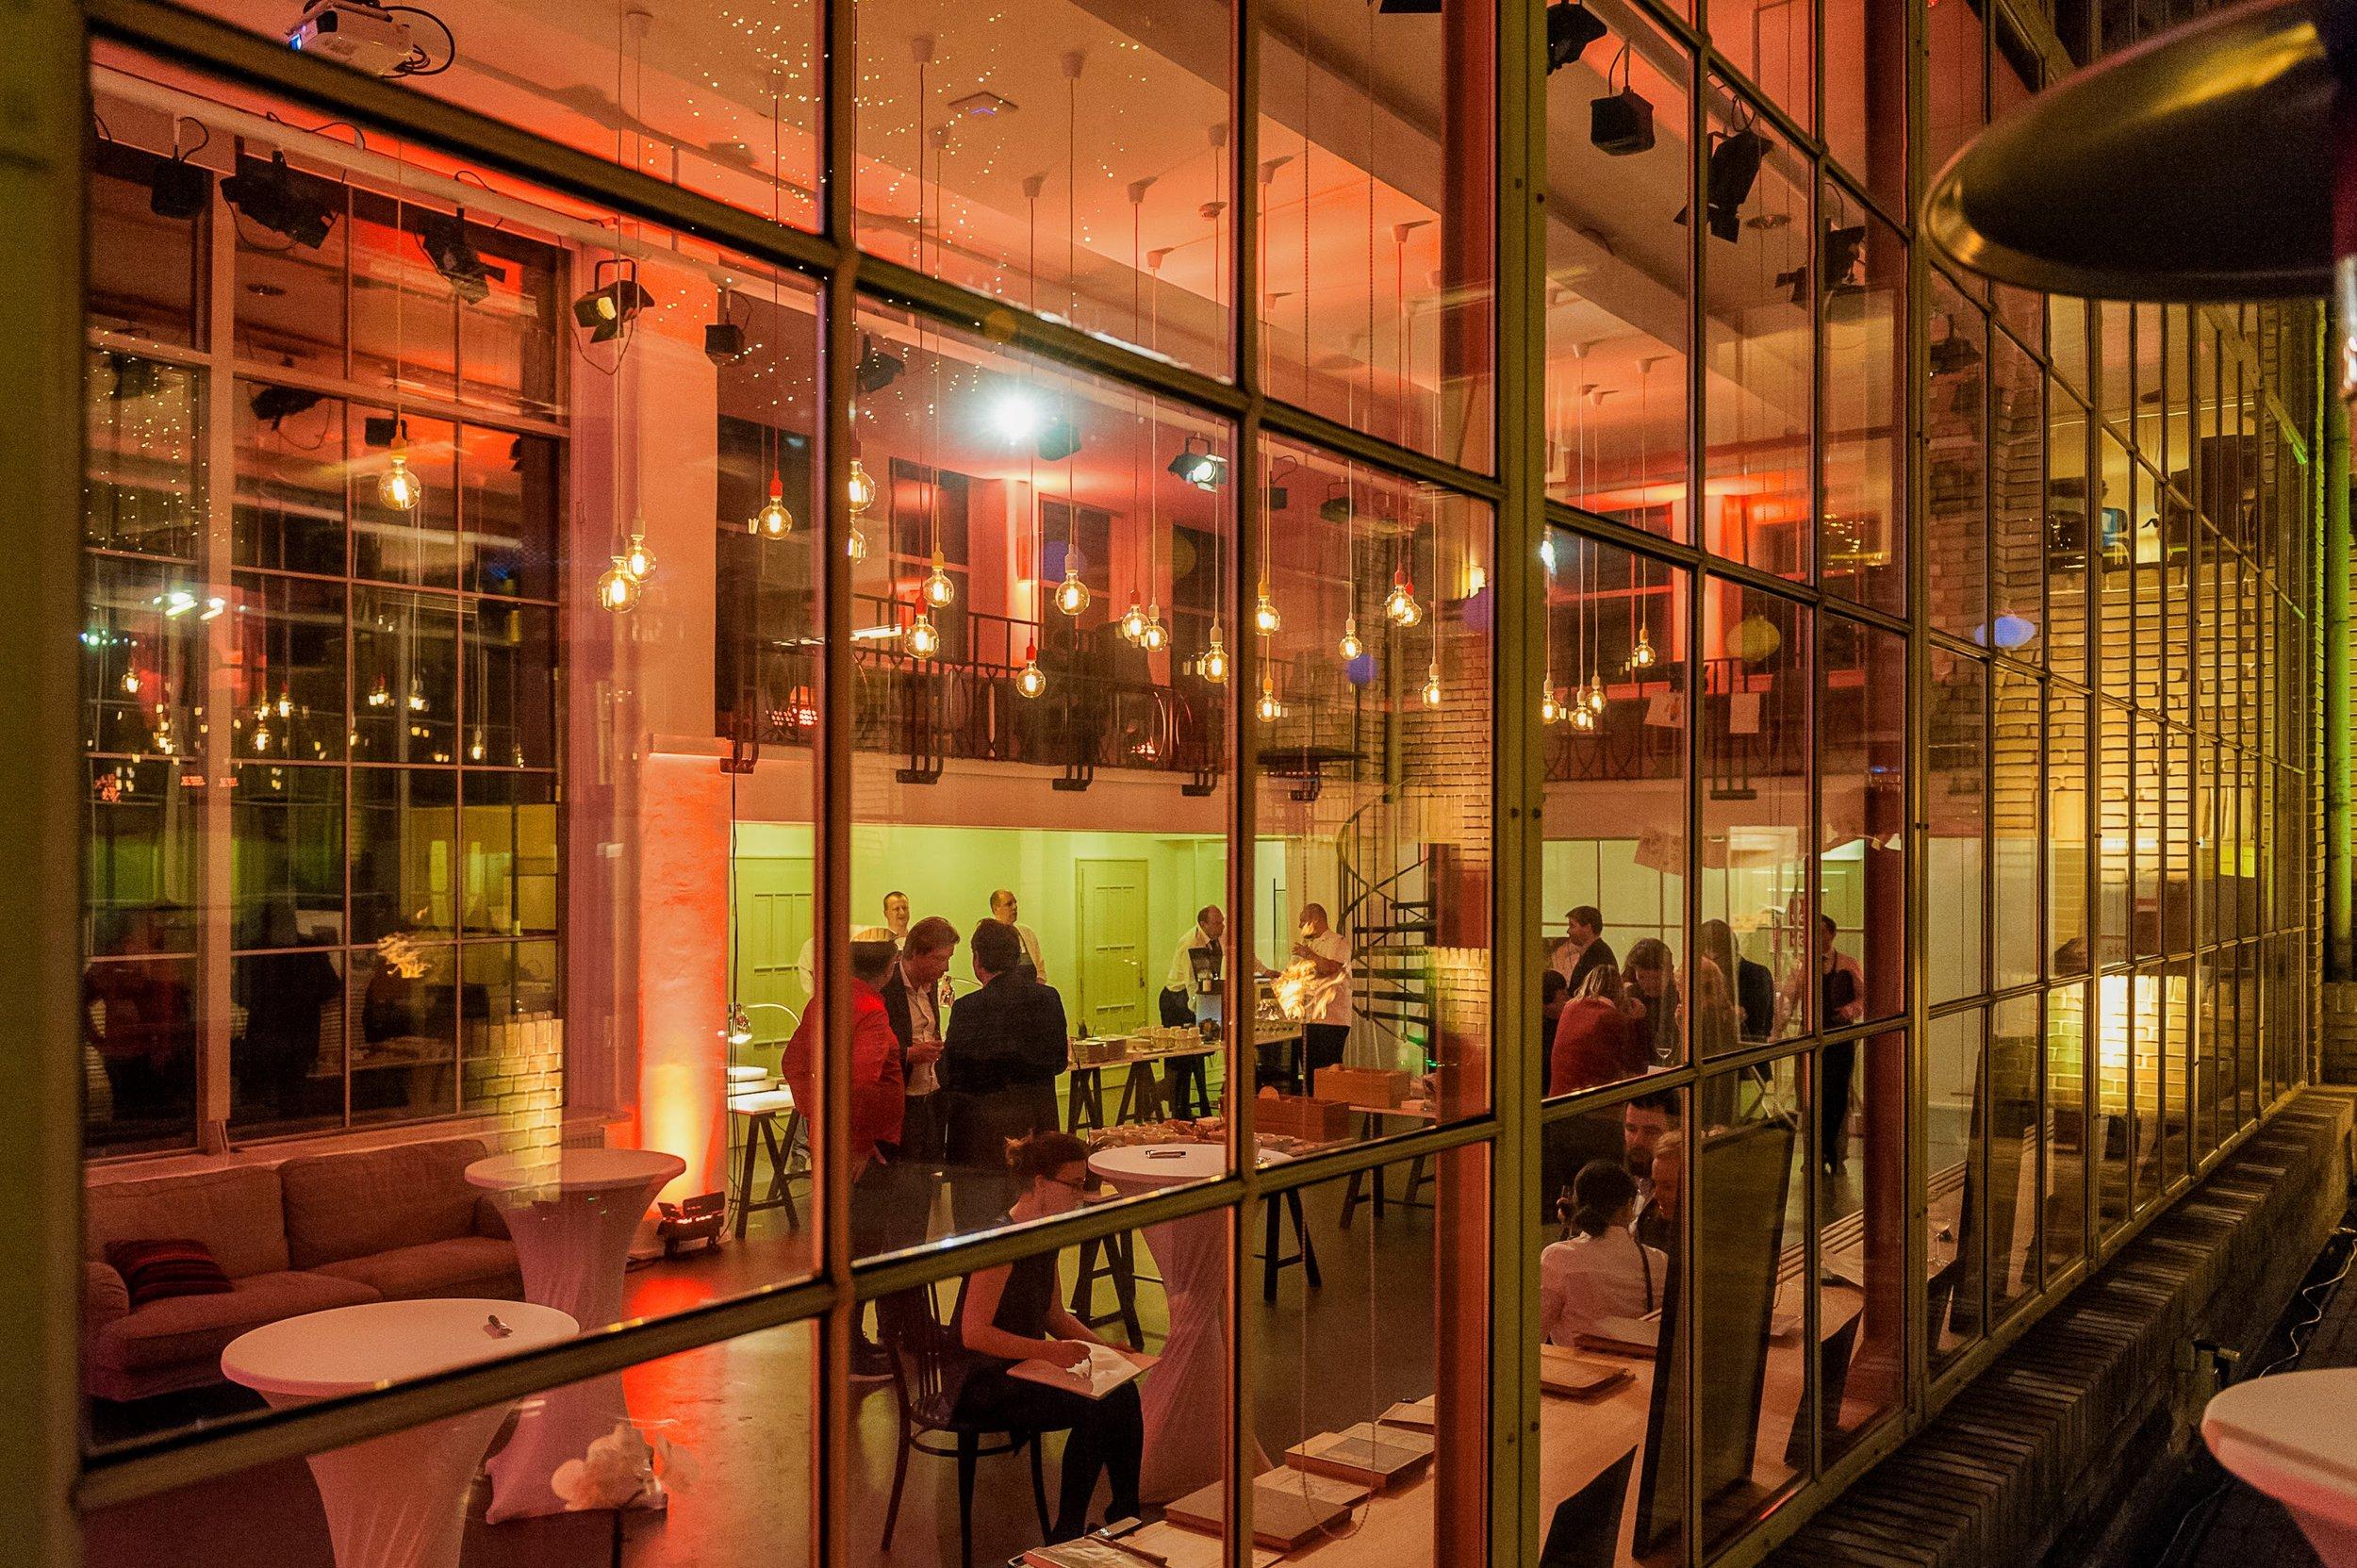 2017 - 2019  Opero & Galerie SmetanaQ & Cafe Elektric, Prague  80 guests